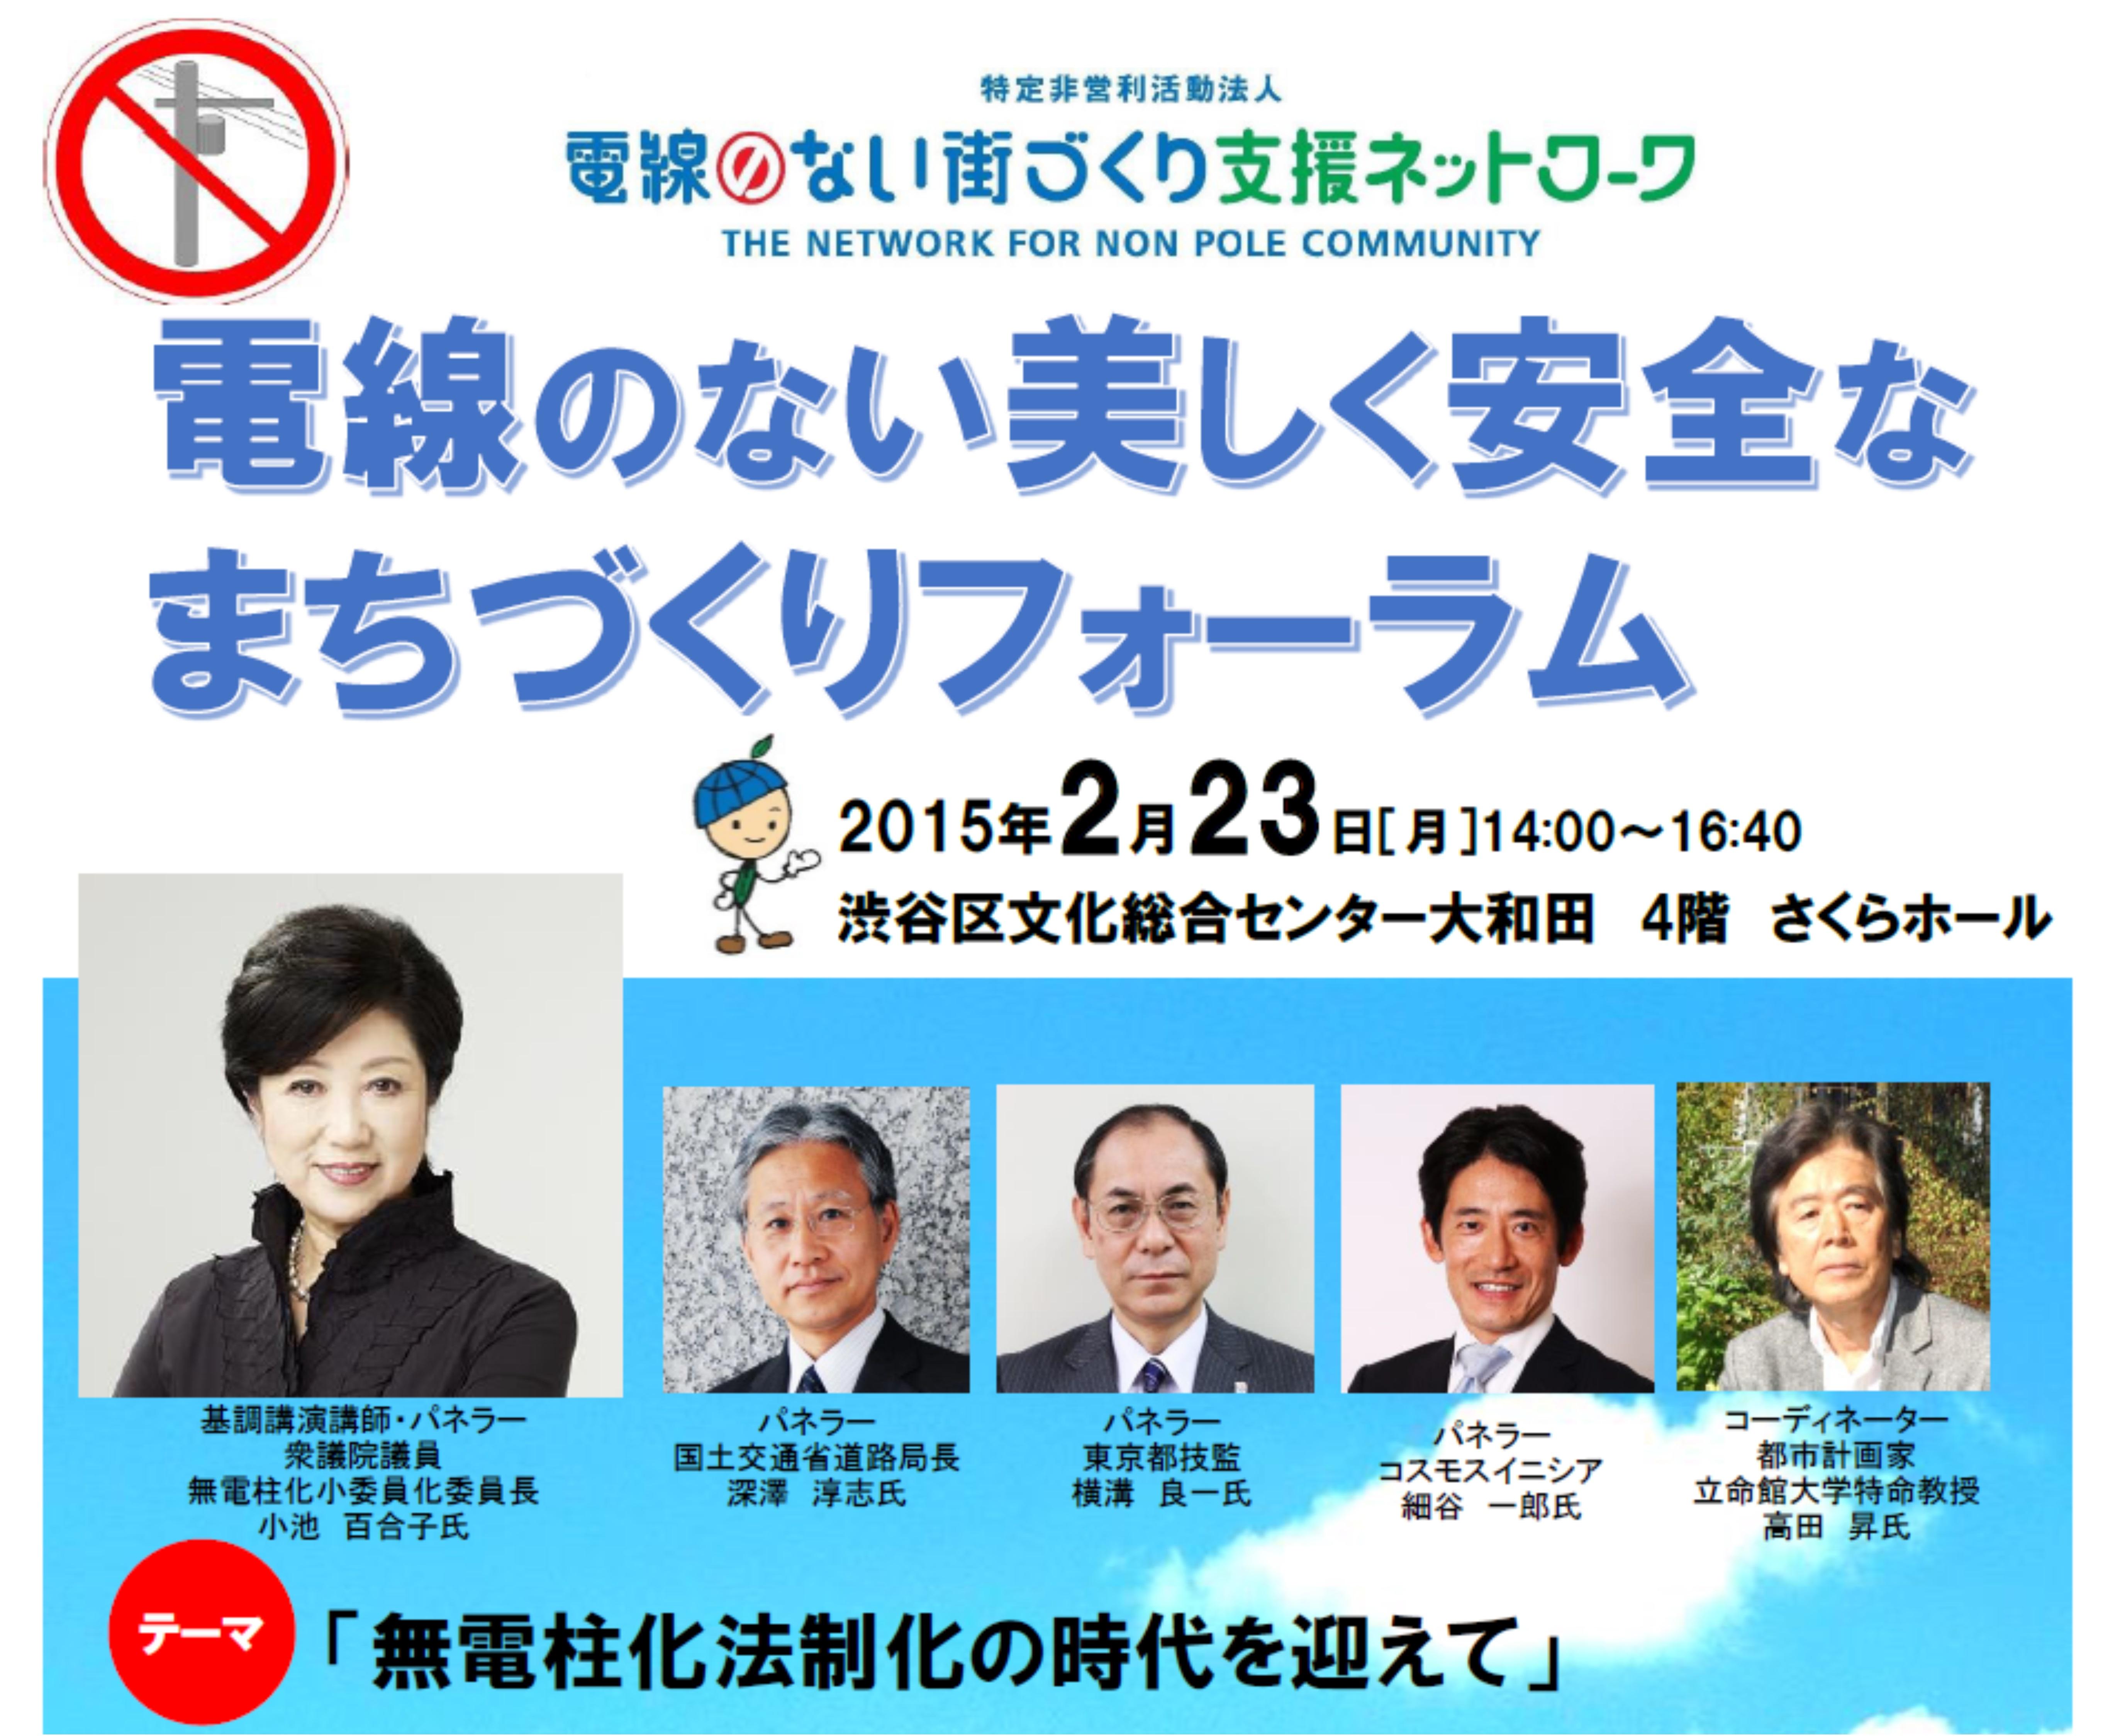 15年2月23日 東京シンポジウム